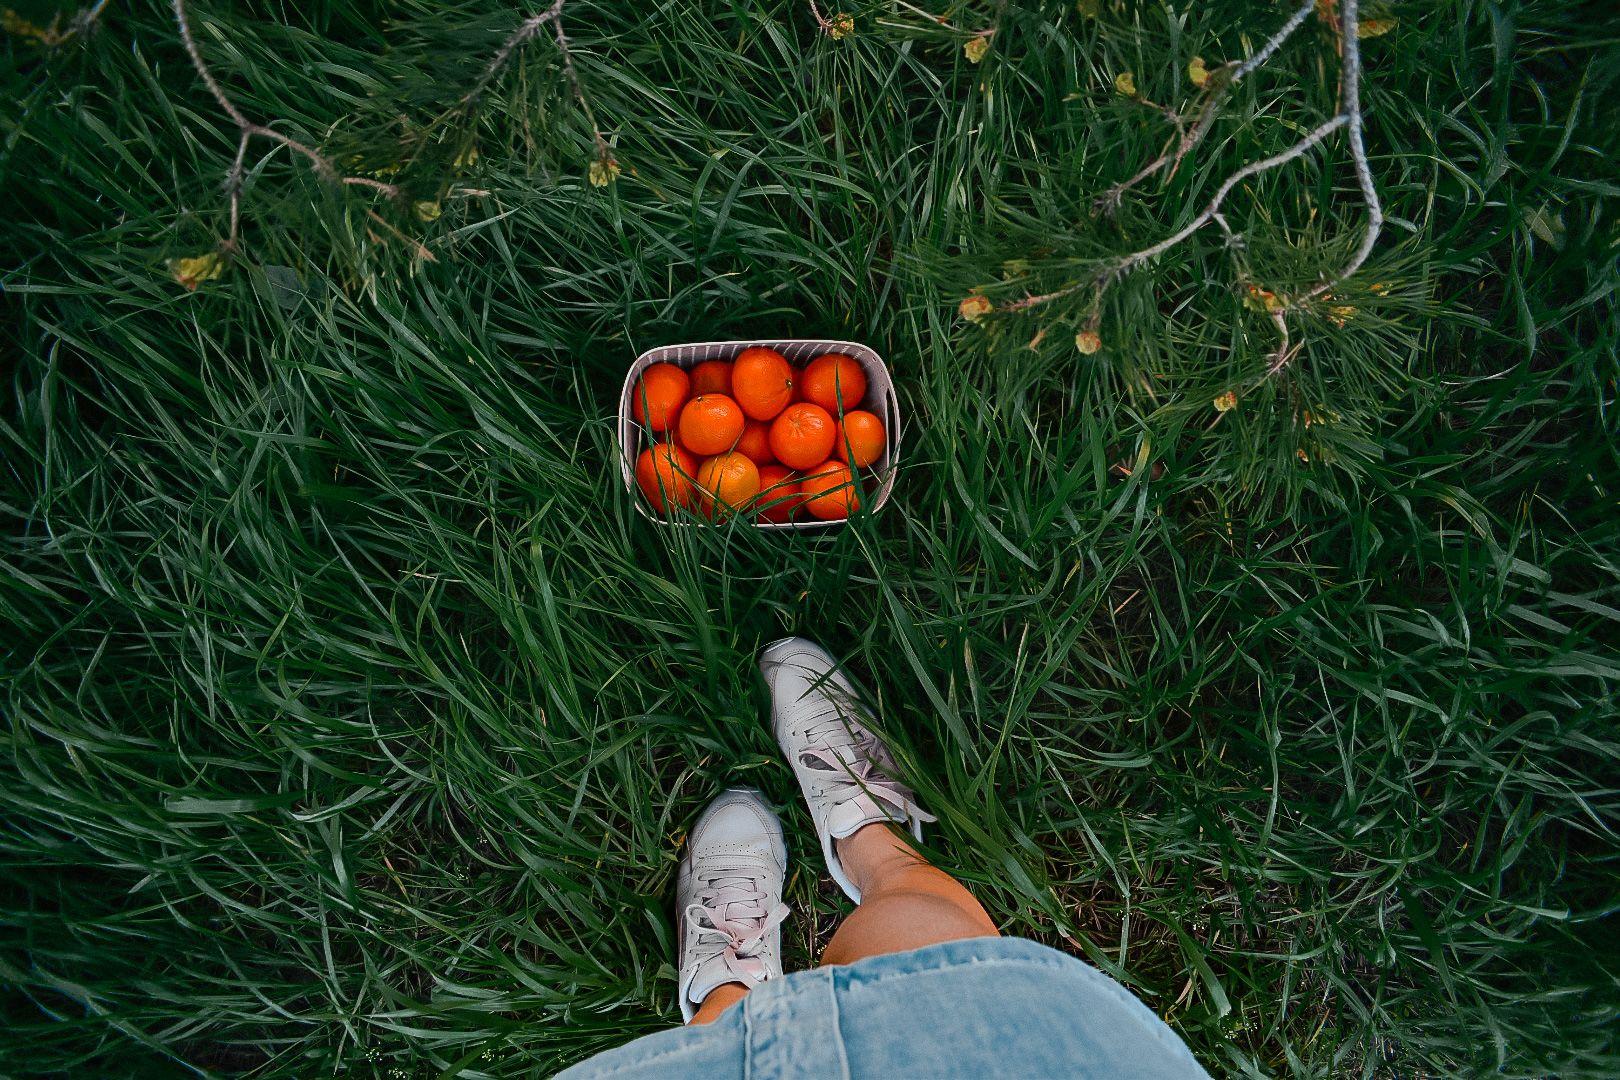 Мандариновый день мандарины май reebook nikon ryder весенний день